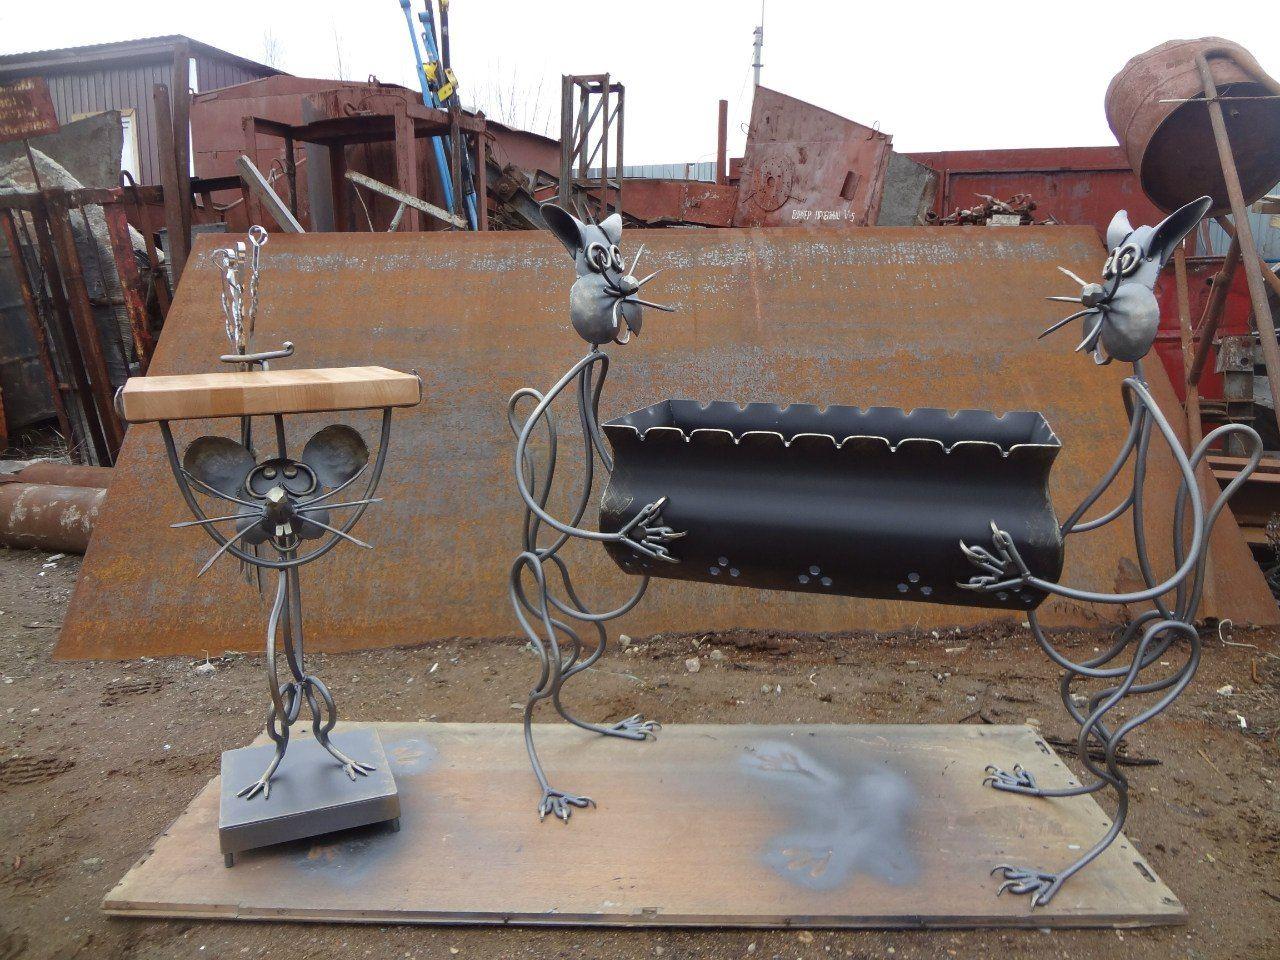 Поделки из металла – самодельные украшения и изделия. инструкция по созданию и оформлению (90 фото-идей)